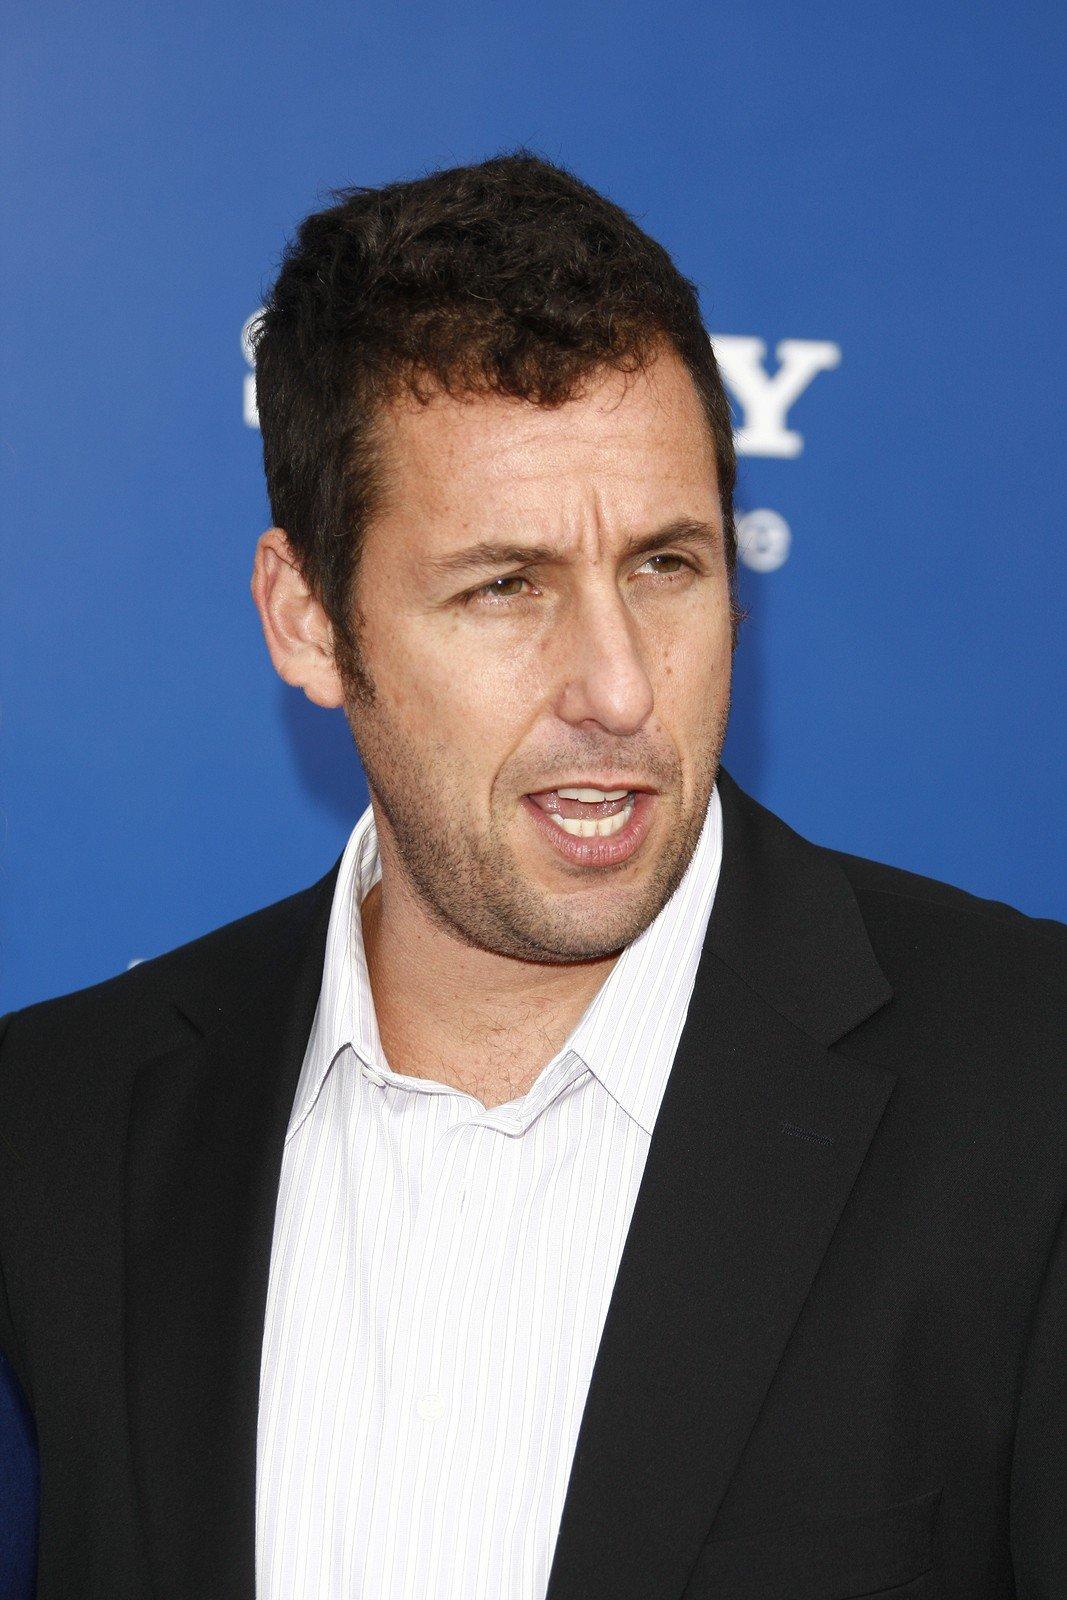 американские актеры мужчины фото с именами свои контактные данные